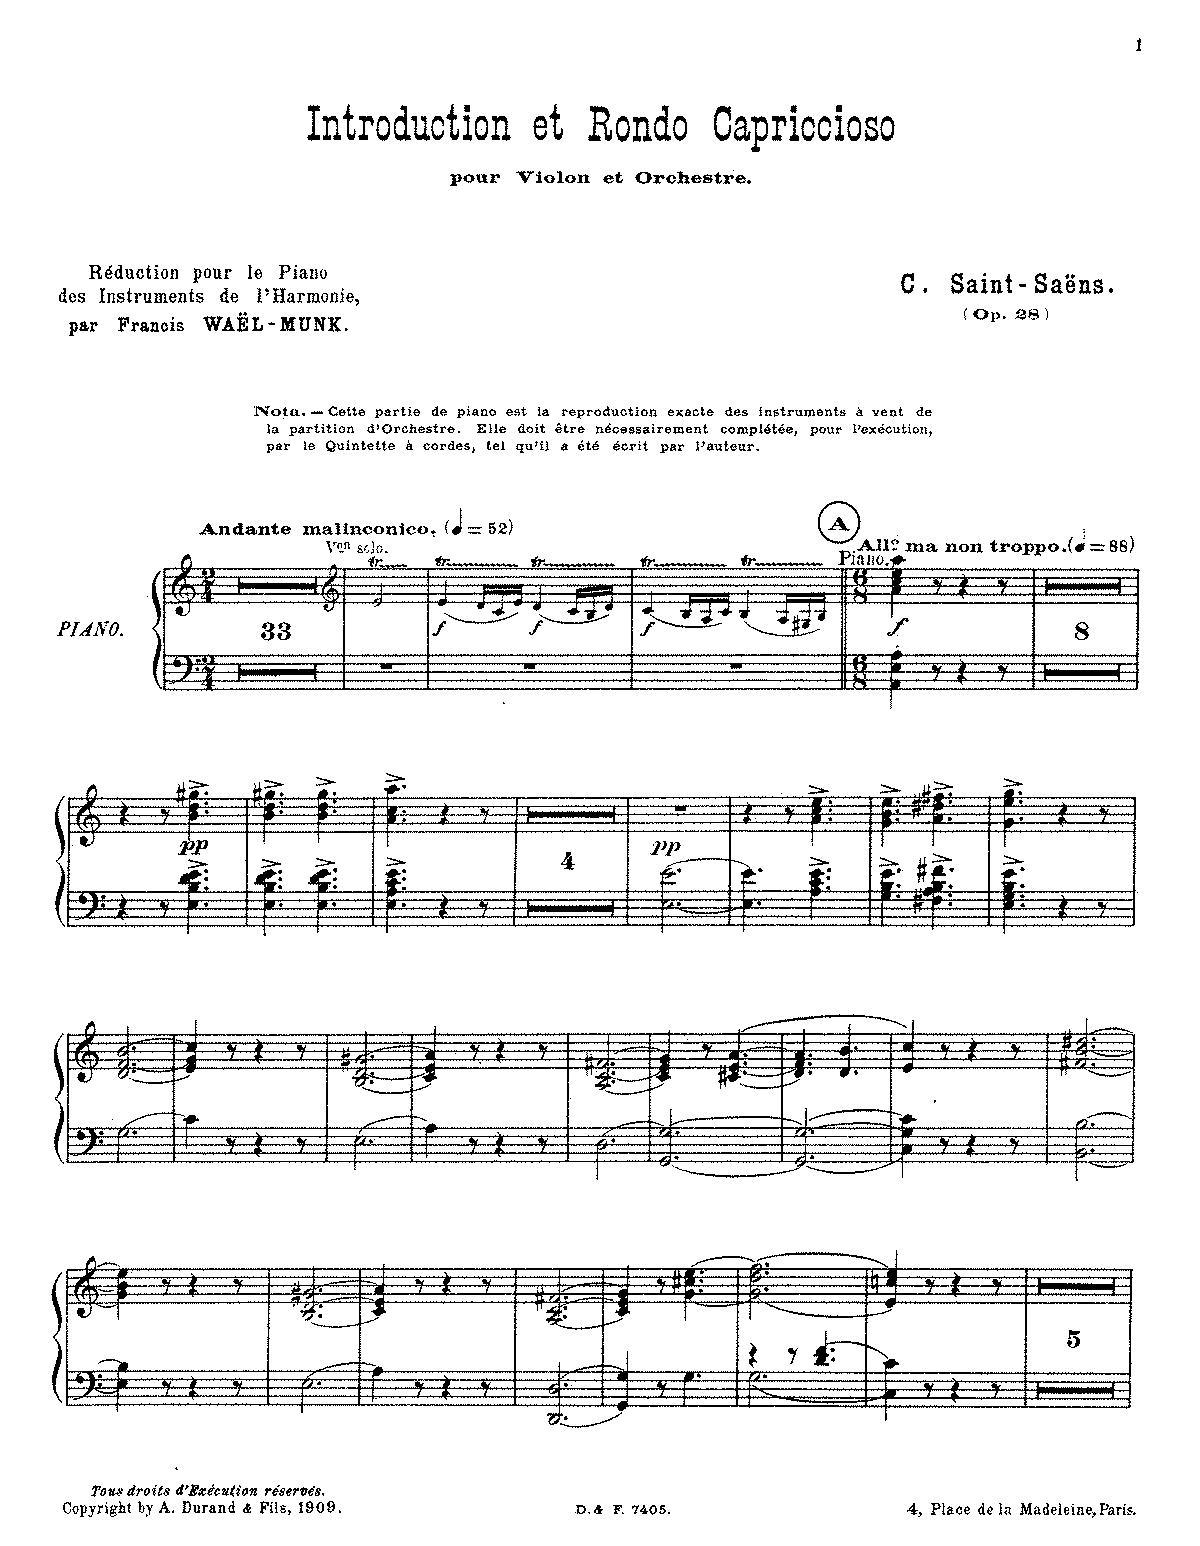 Introduction et rondo capriccioso, Op 28 (Saint-Saëns, Camille